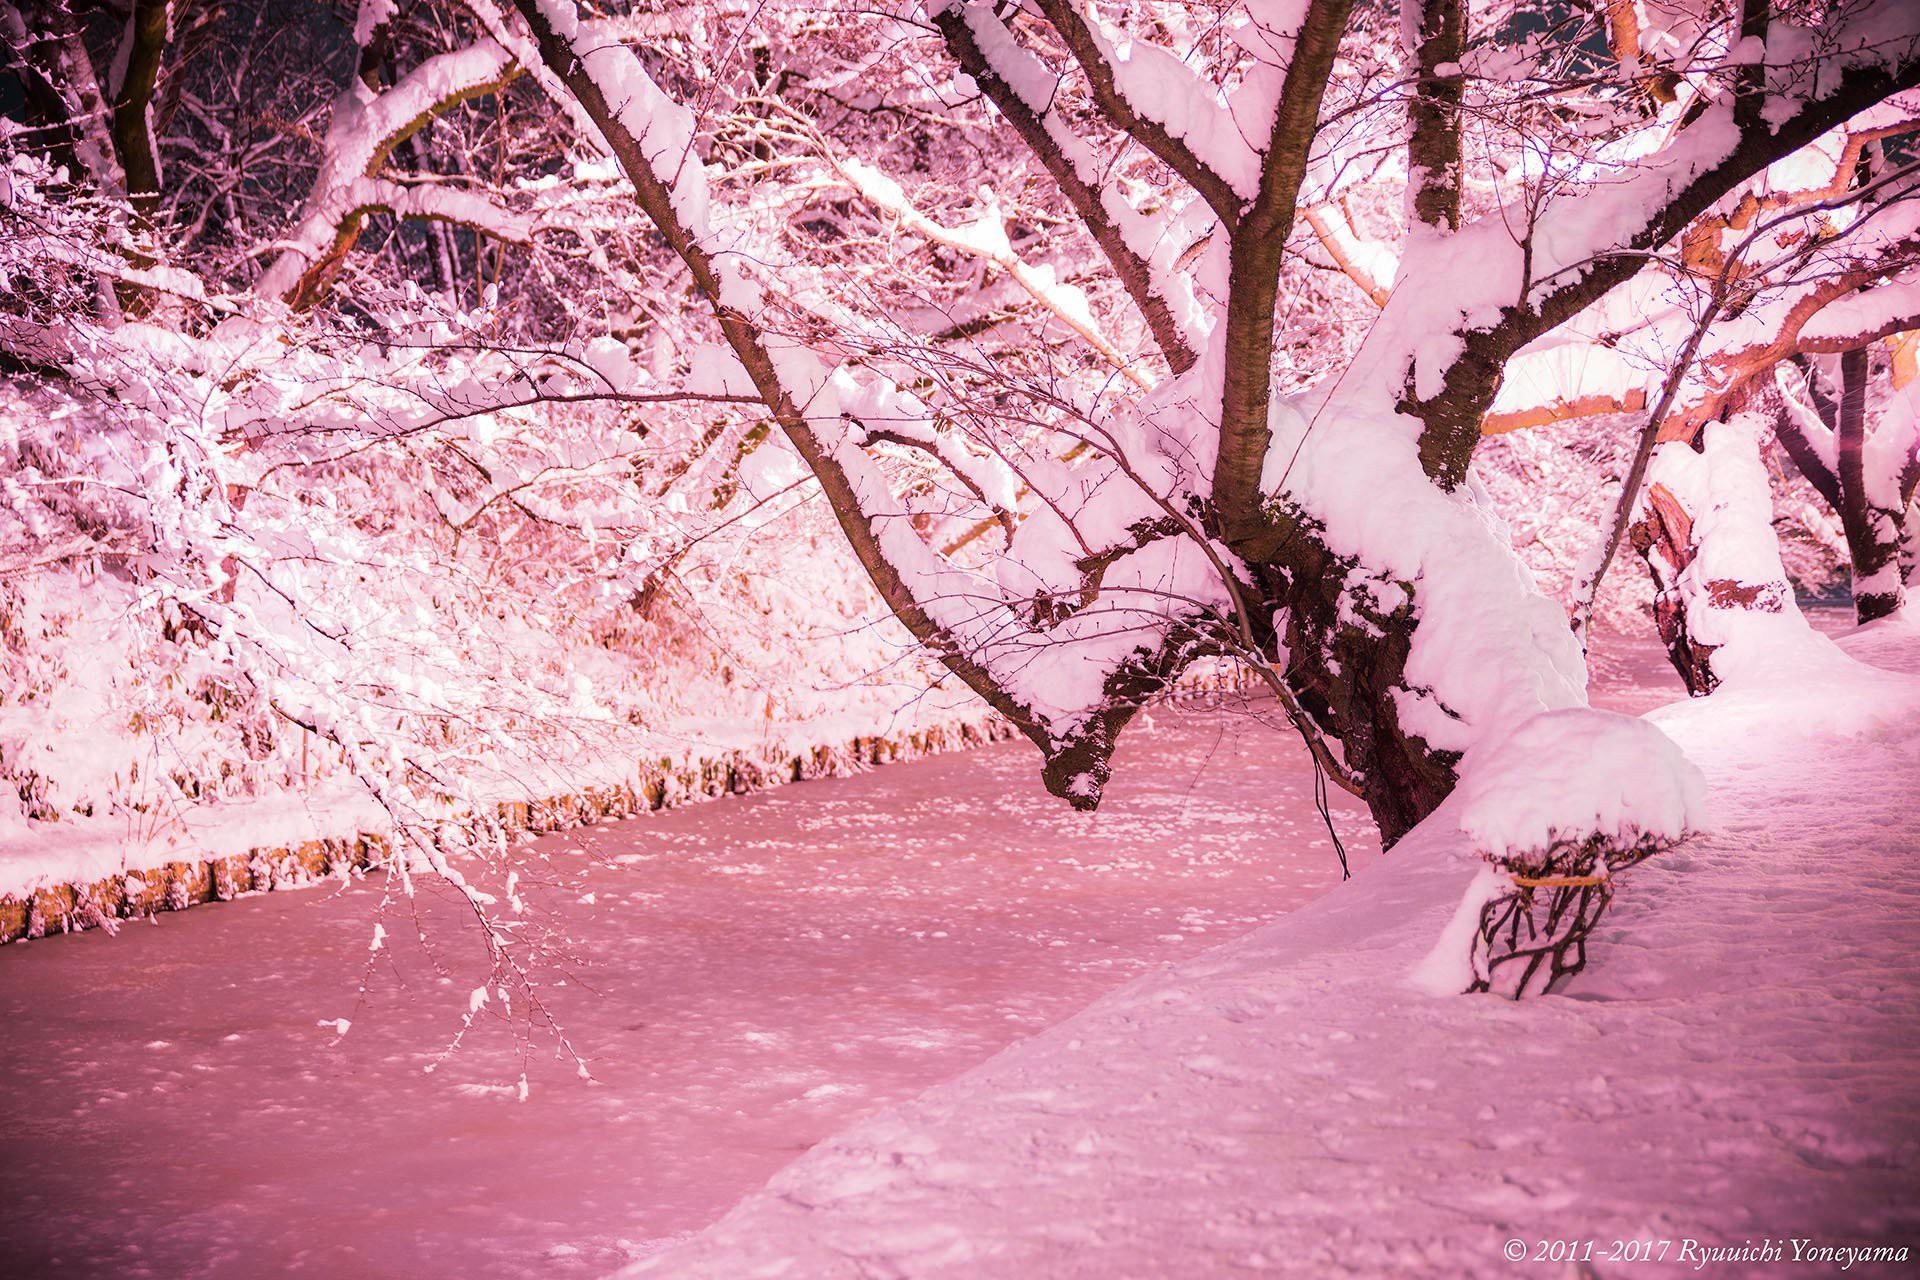 Người dân Nhật ngỡ ngàng chiêm ngưỡng những bông hoa anh đào băng tuyết trong thời tiết lạnh giá kéo dài - Ảnh 3.